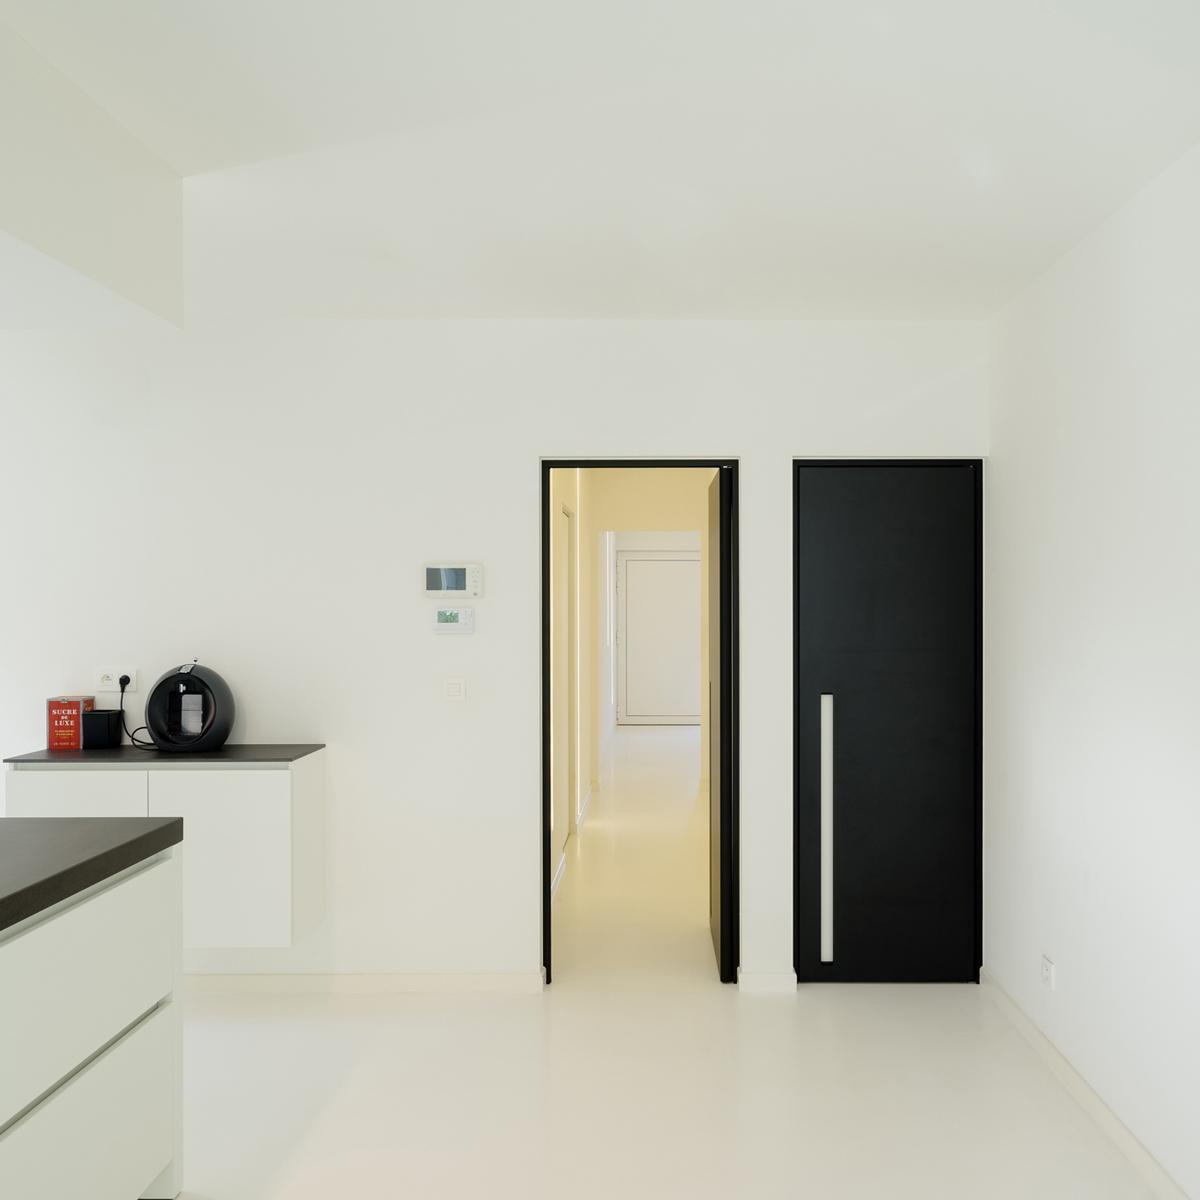 Дверь венге в минималистичном стиле